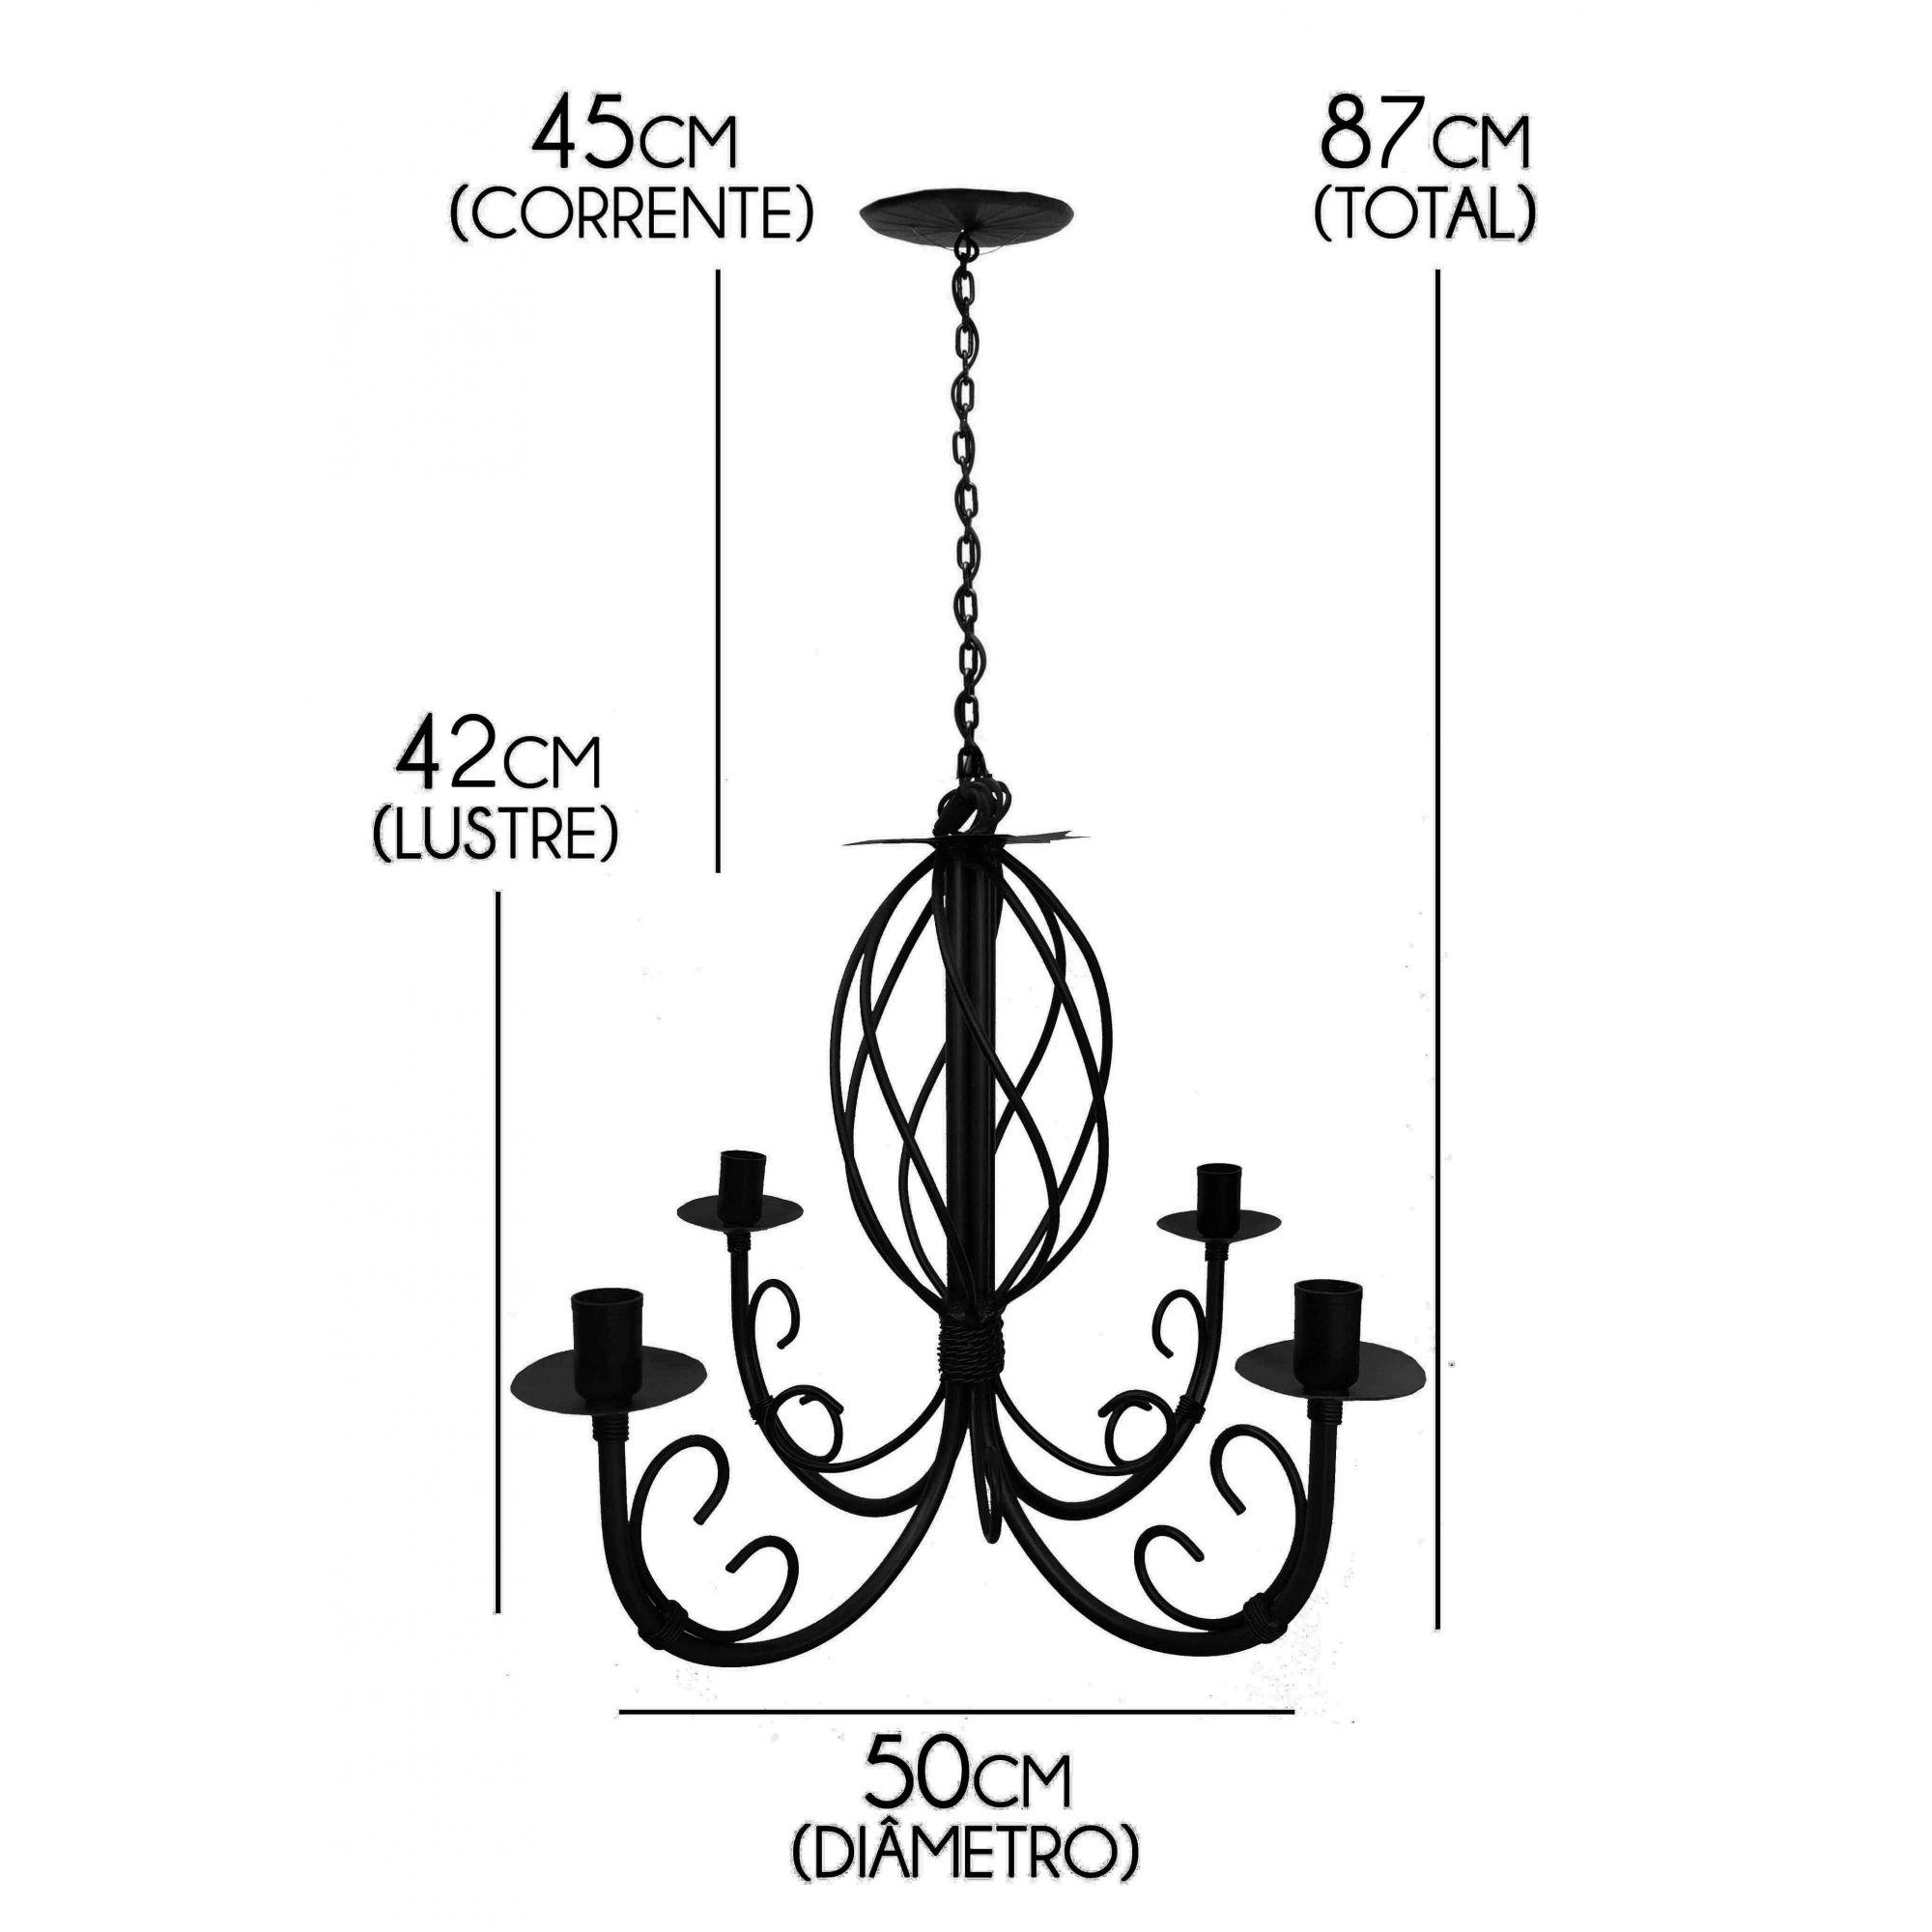 Luminaria Pendente de Ferro Artesanal Decorativo para Quarto Moderno